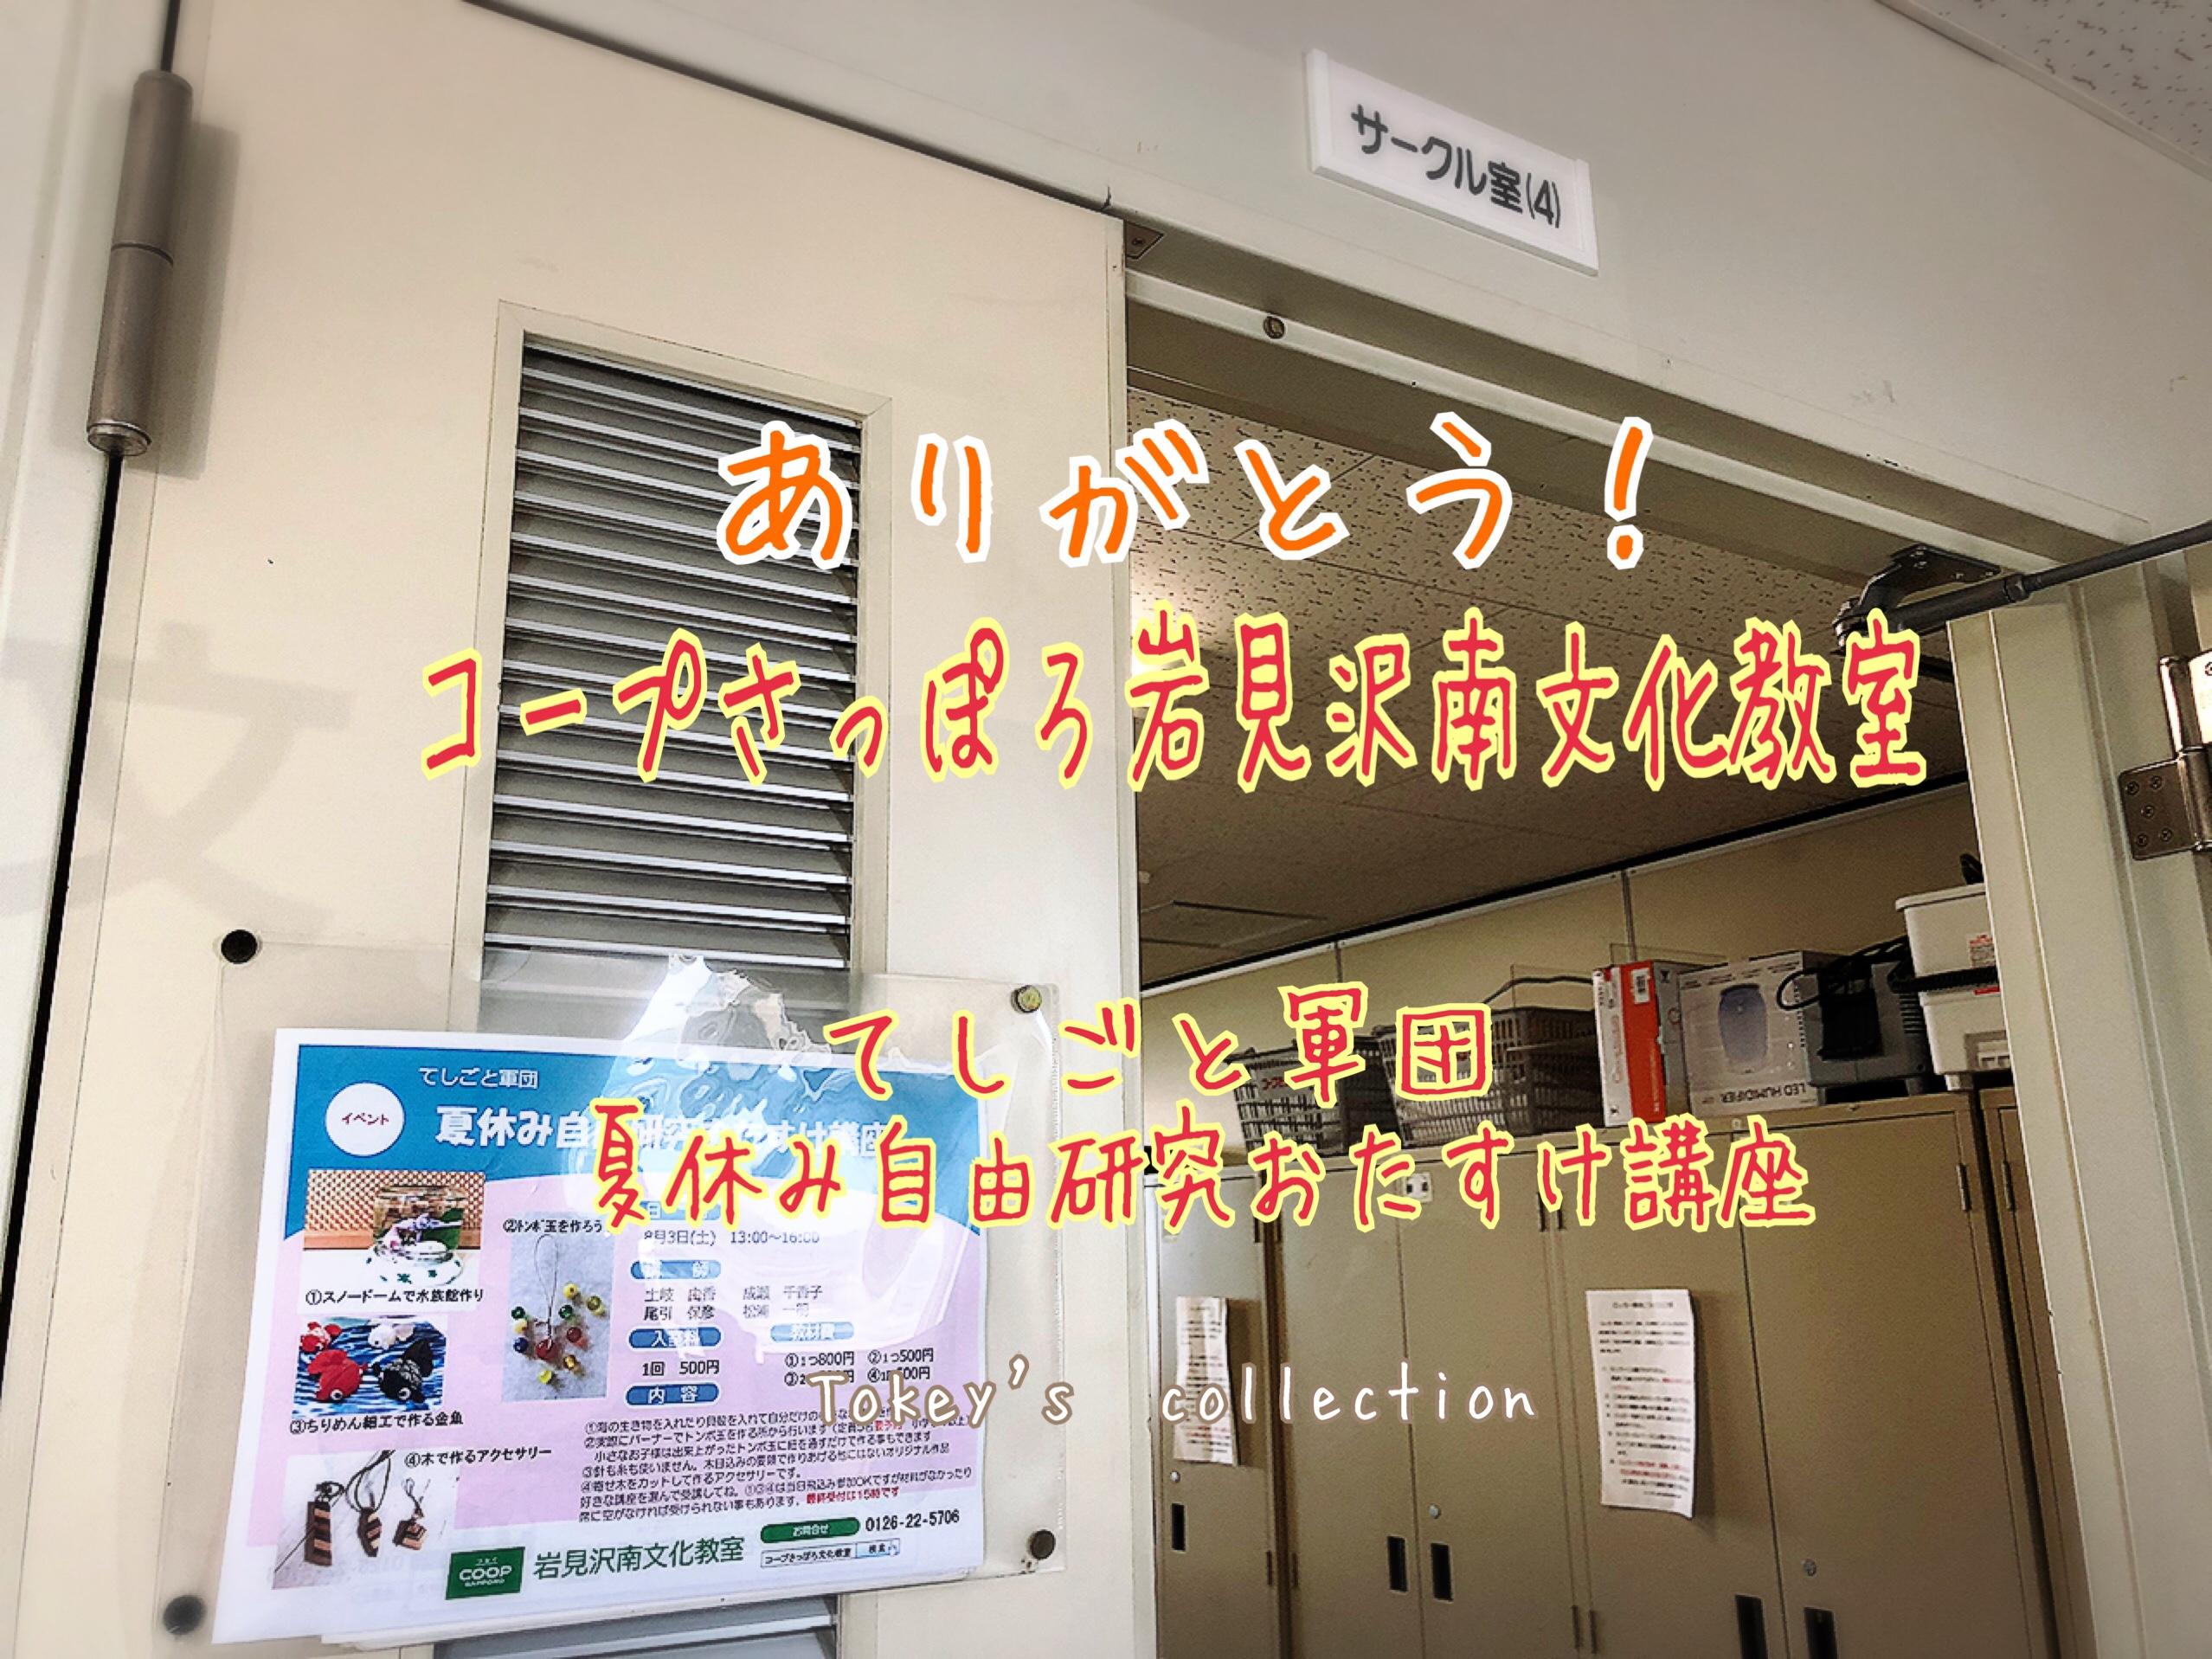 fc2blog_20190803185759e44.jpg